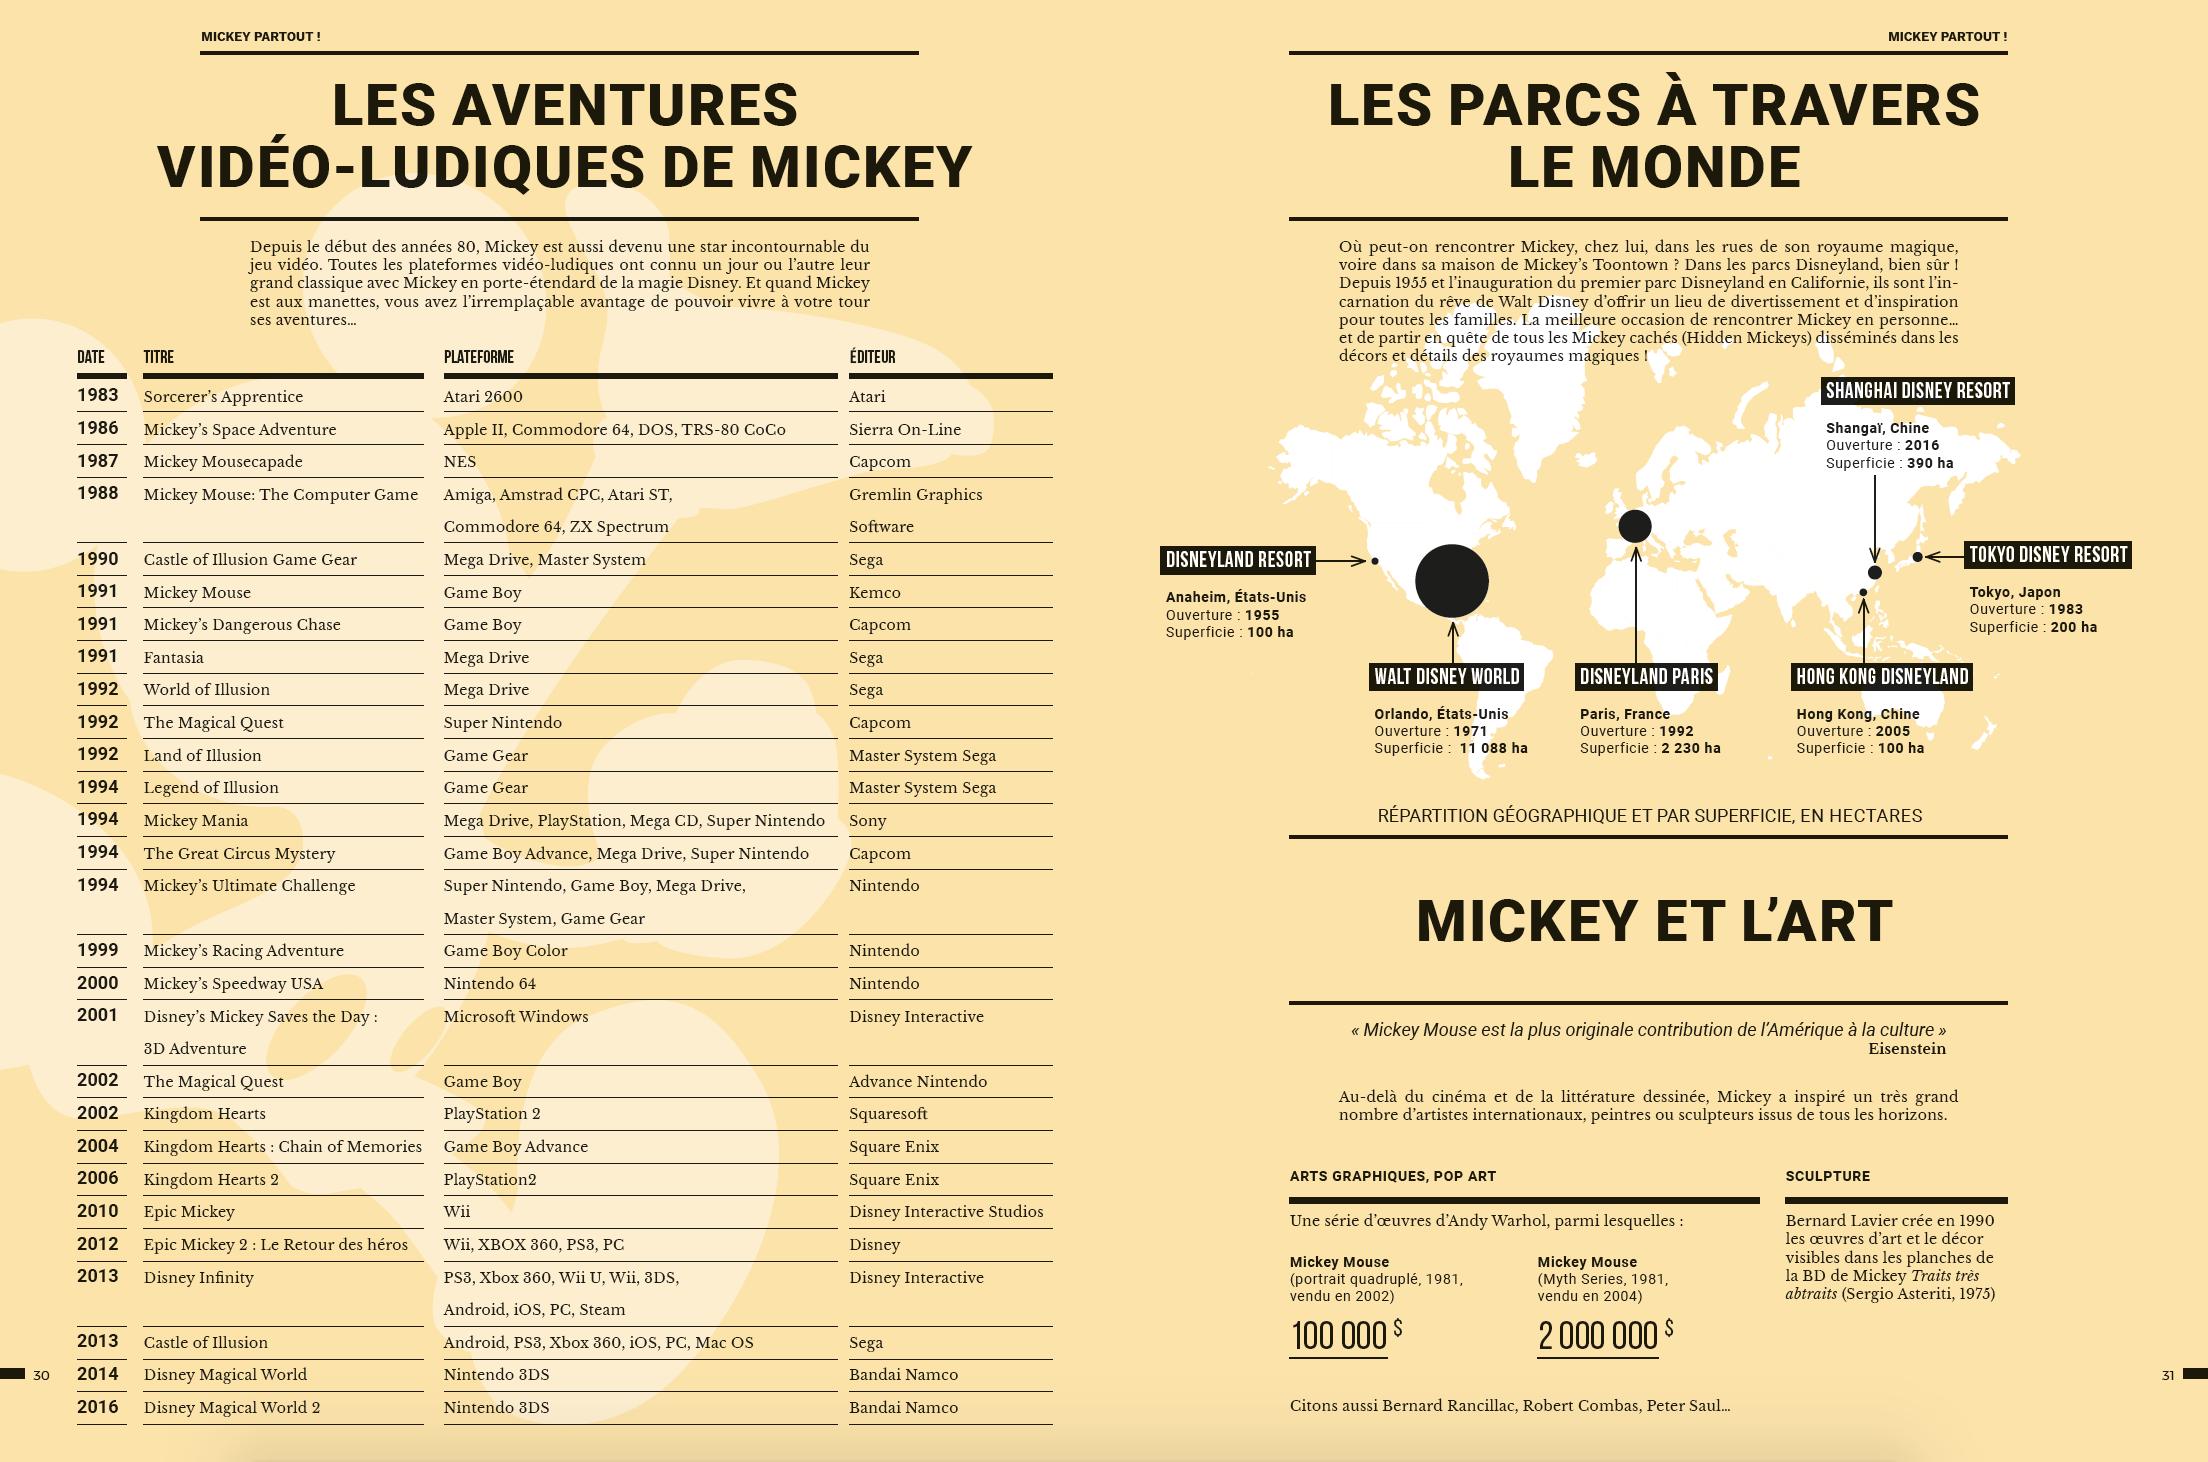 MICHEY_HACHETTE_Henri-Olivier_25